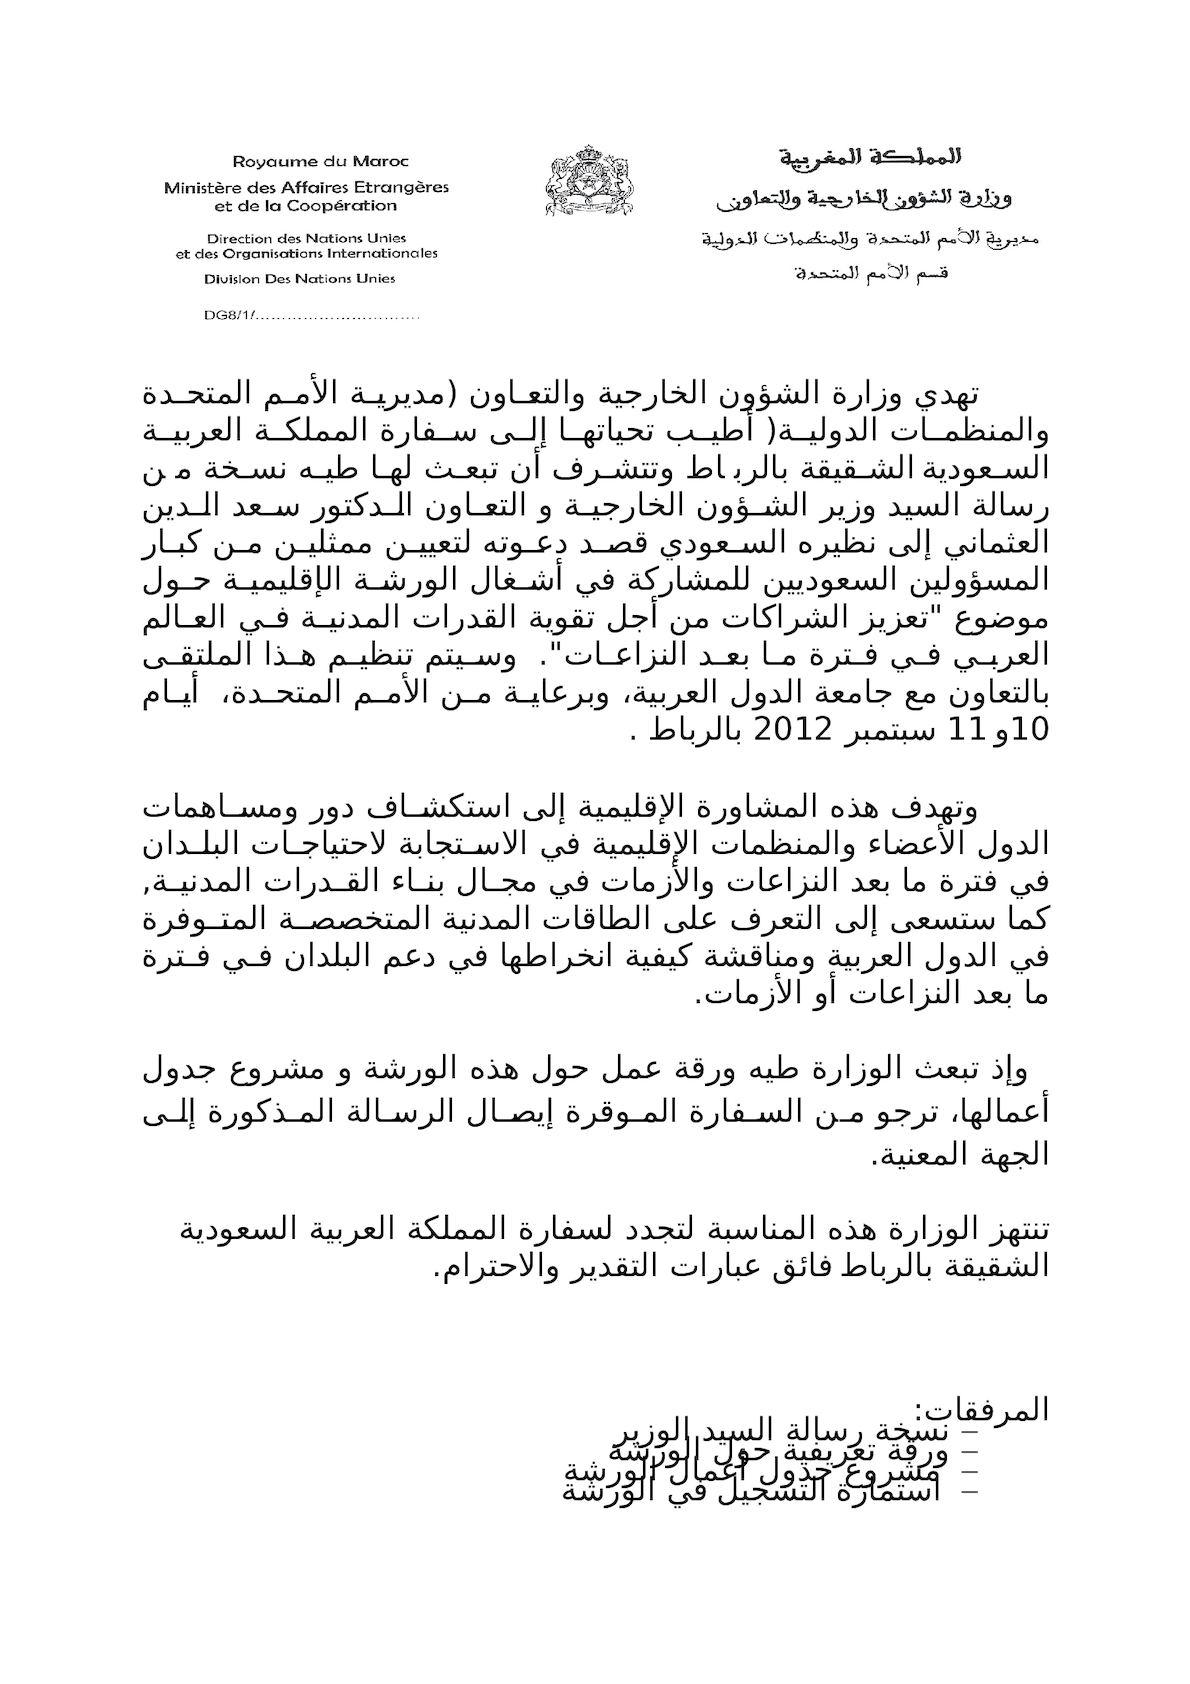 تهدي وزارة الشؤون الخارجية والتعاون.